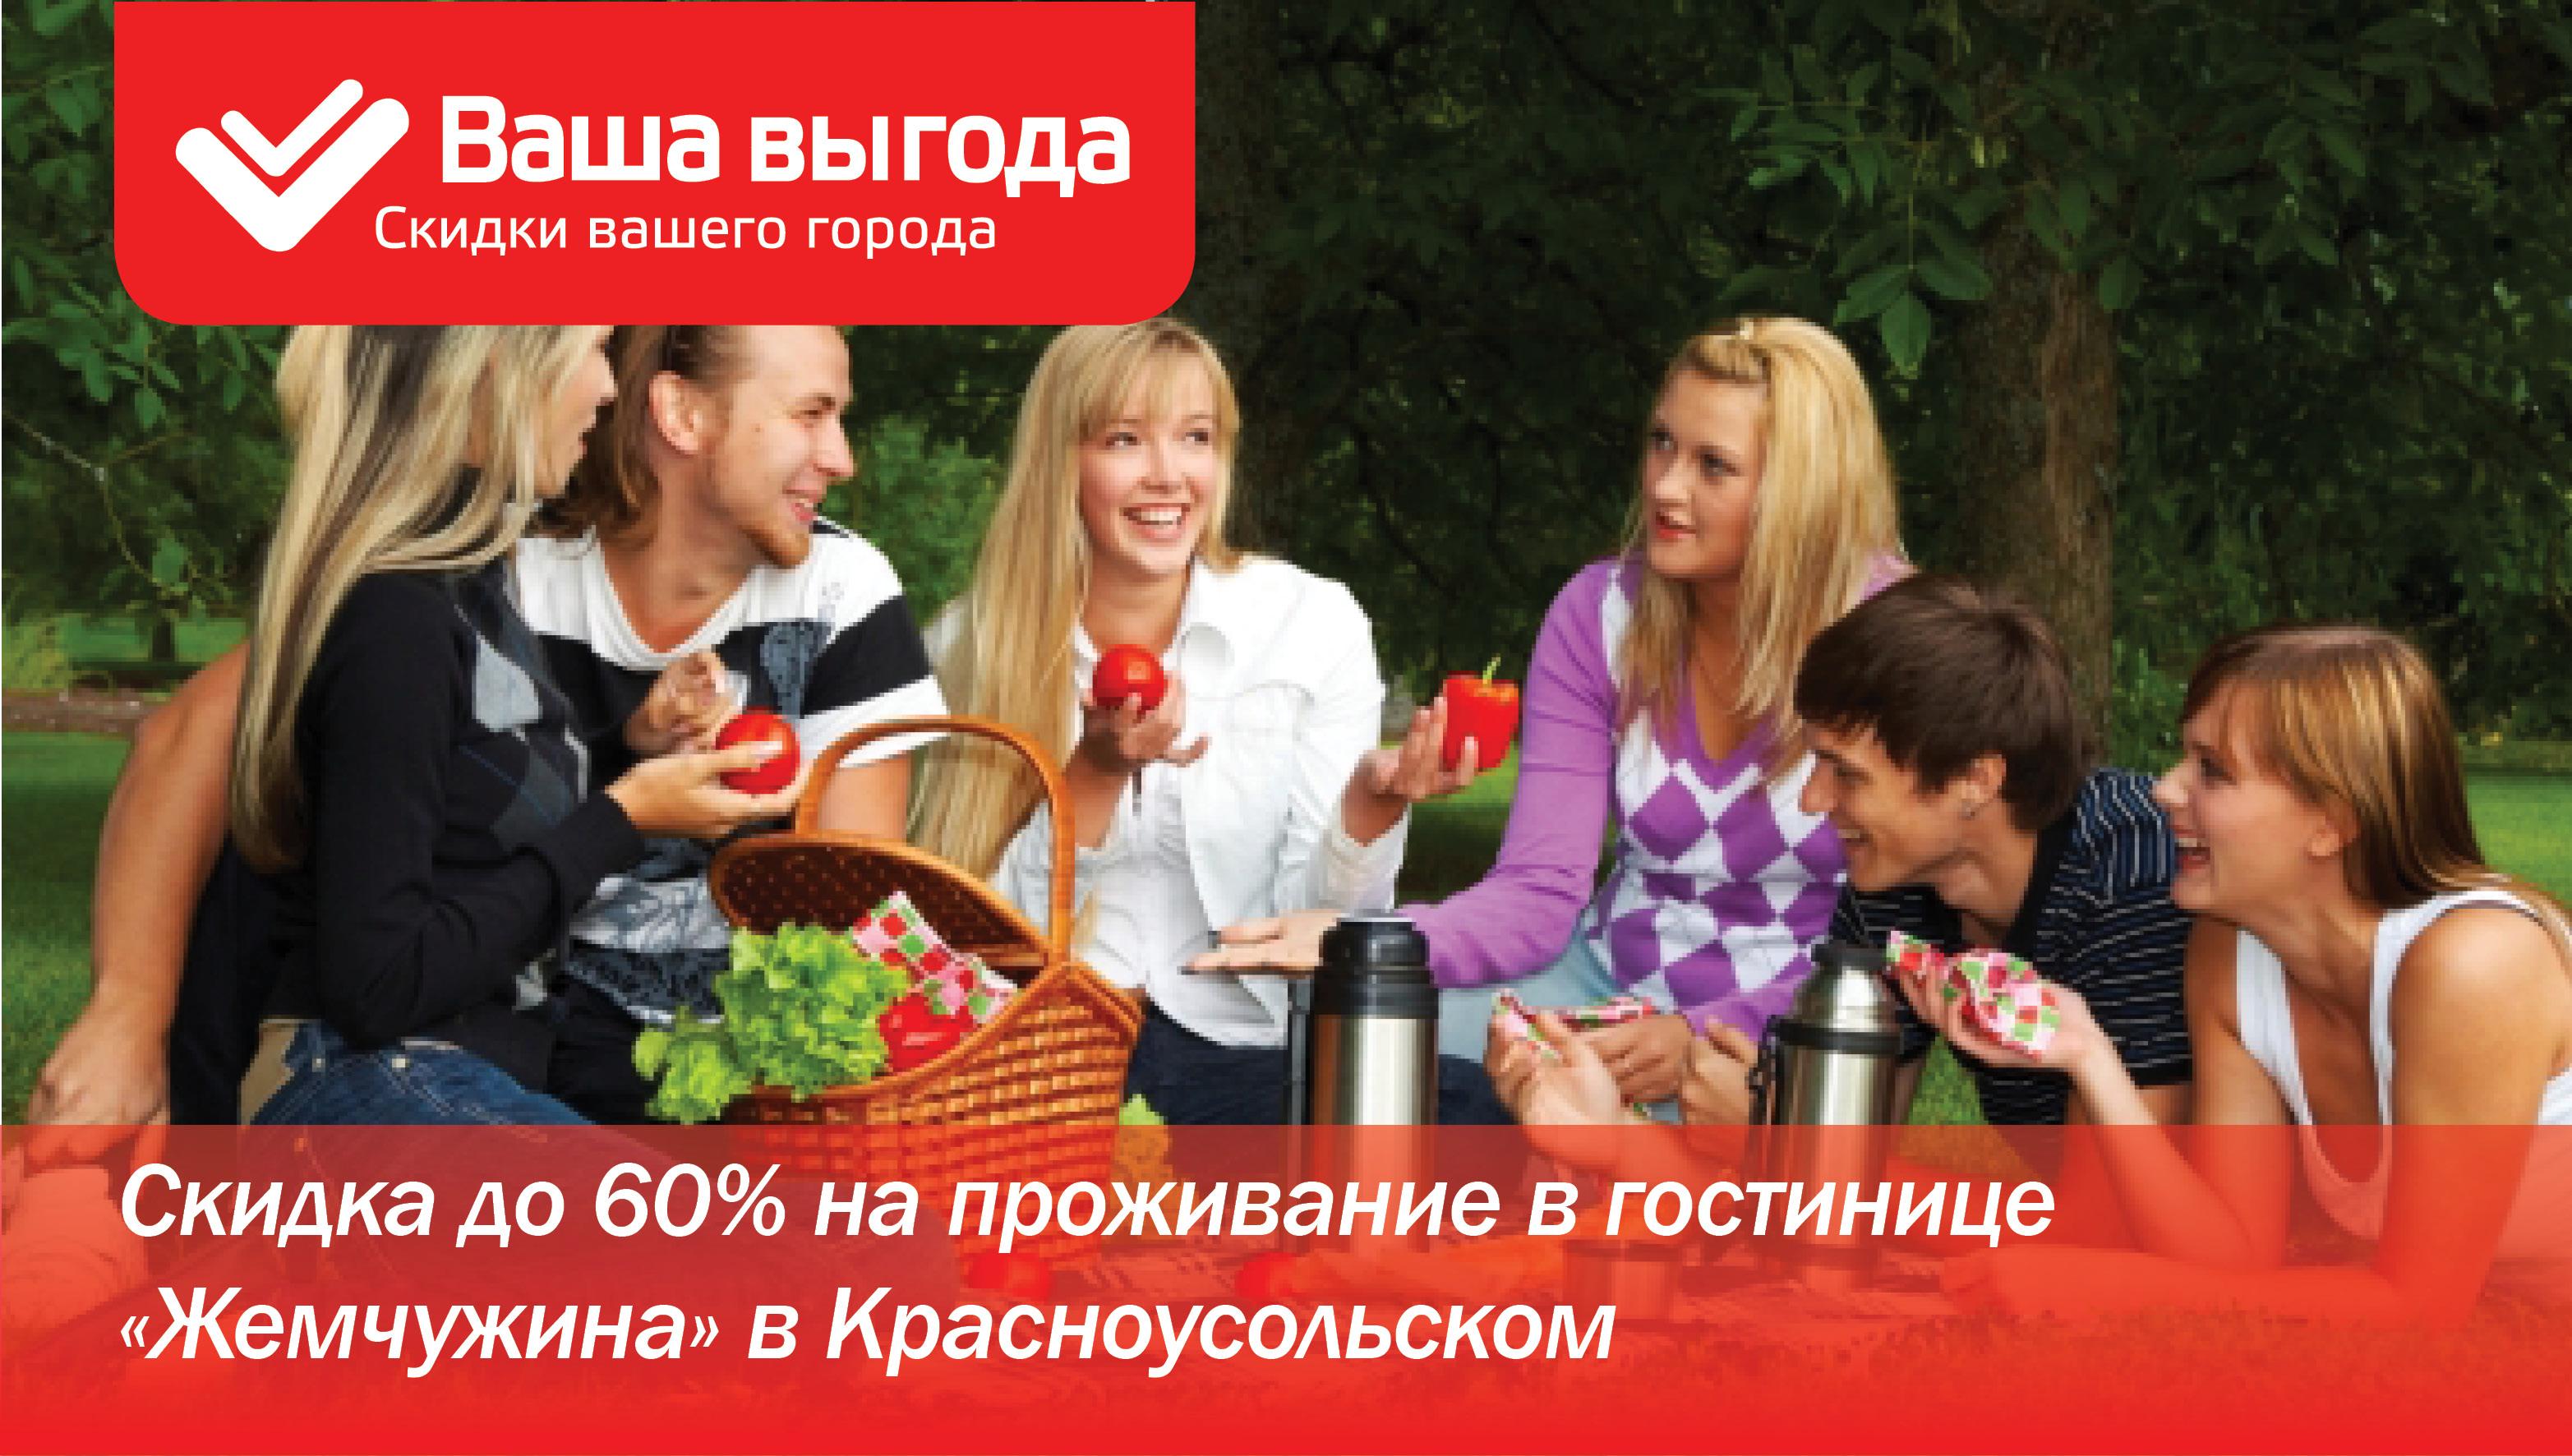 Отдых в Красноусольском